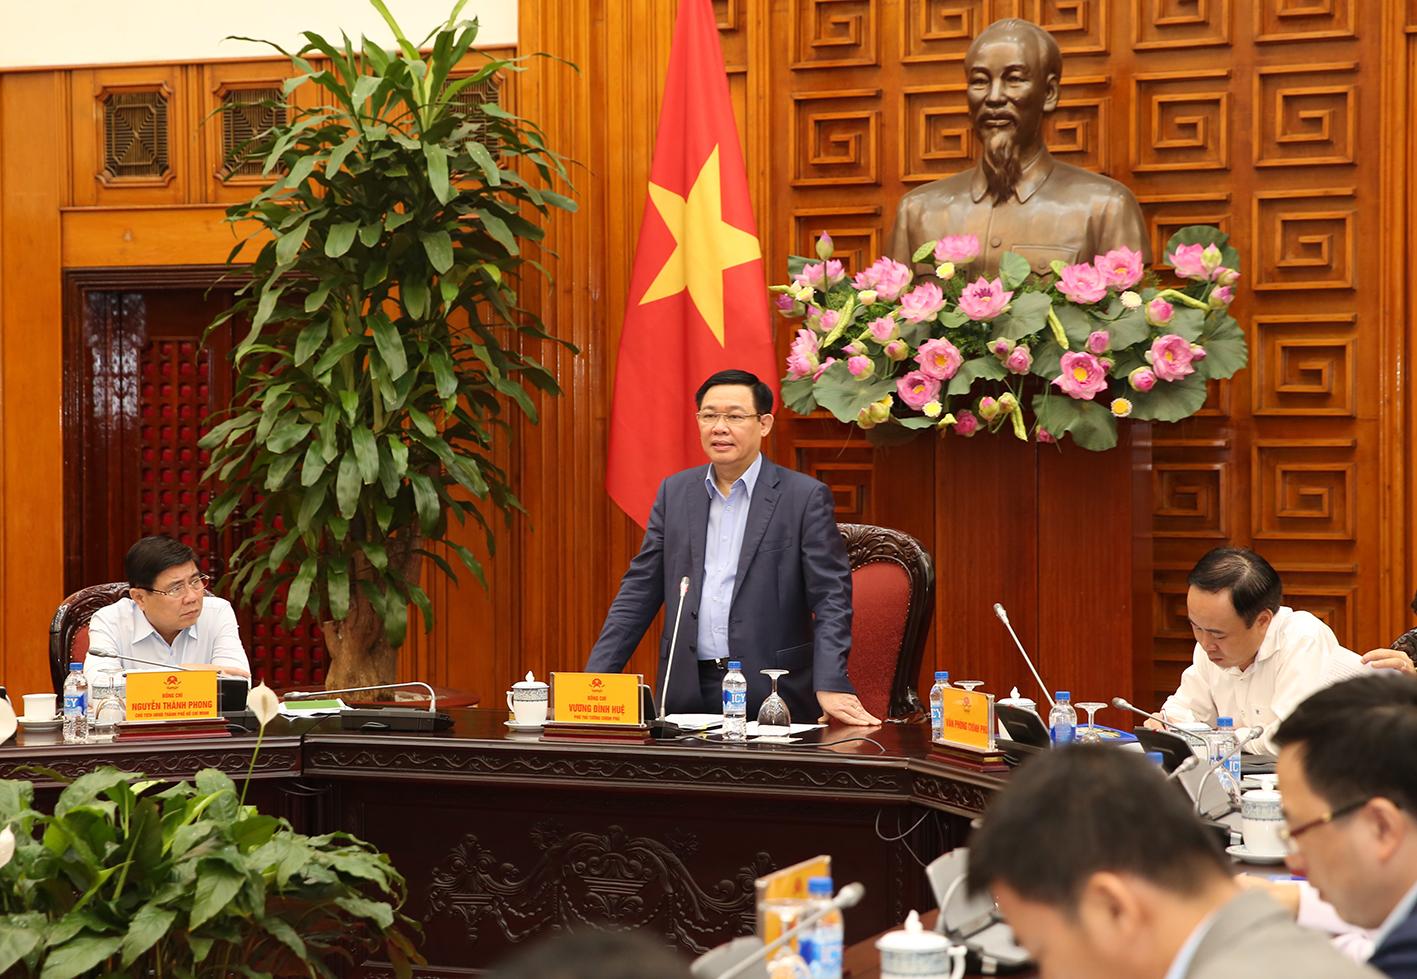 TP. Hồ Chí Minh cần quyết liệt cổ phần hoá một số doanh nghiệp nhà nước